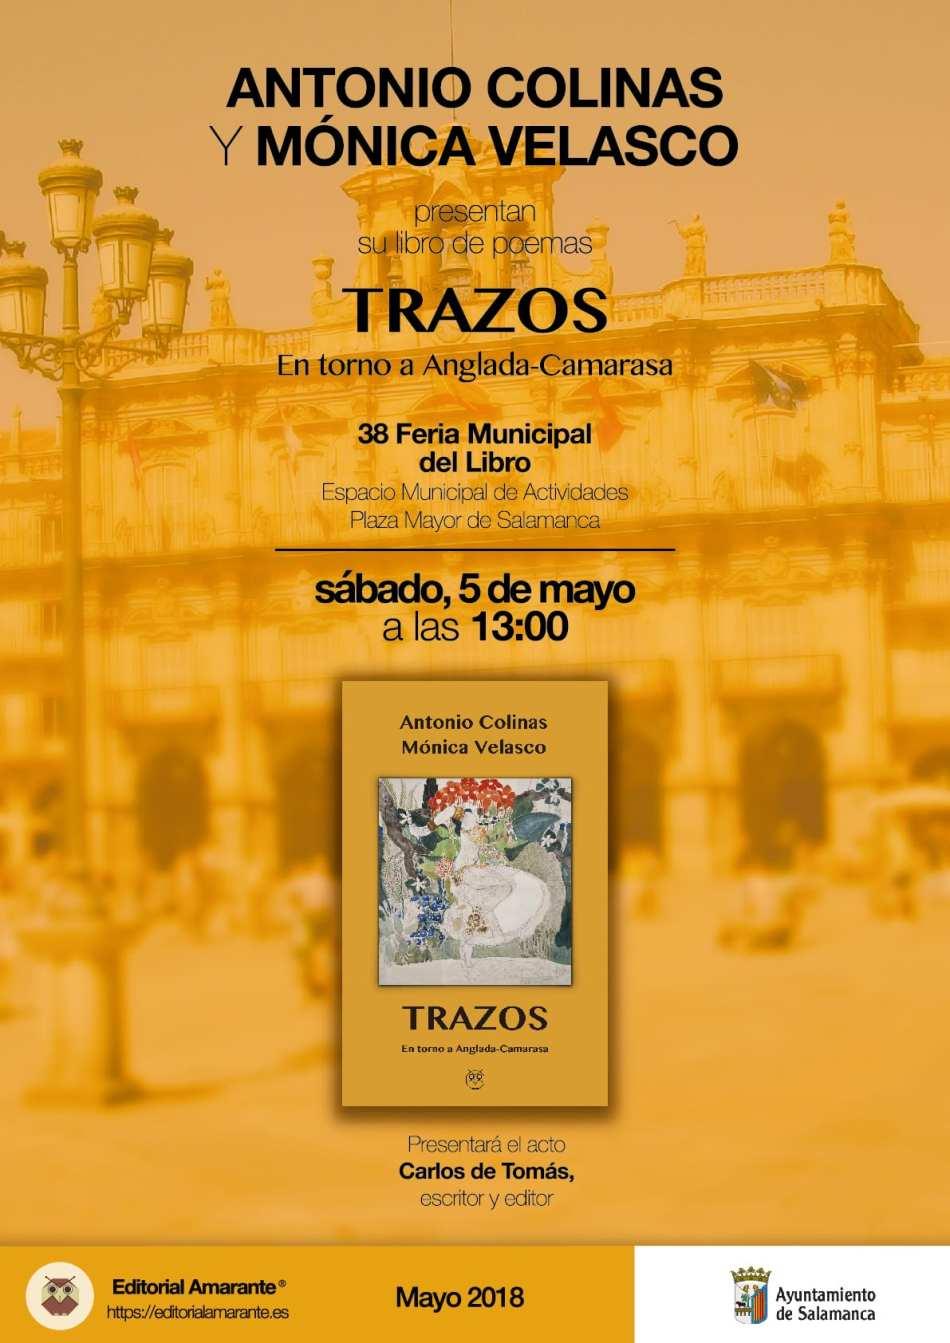 Cartel presentacion Trazos - Antonio Colinas - Monica Velasco - Amarante